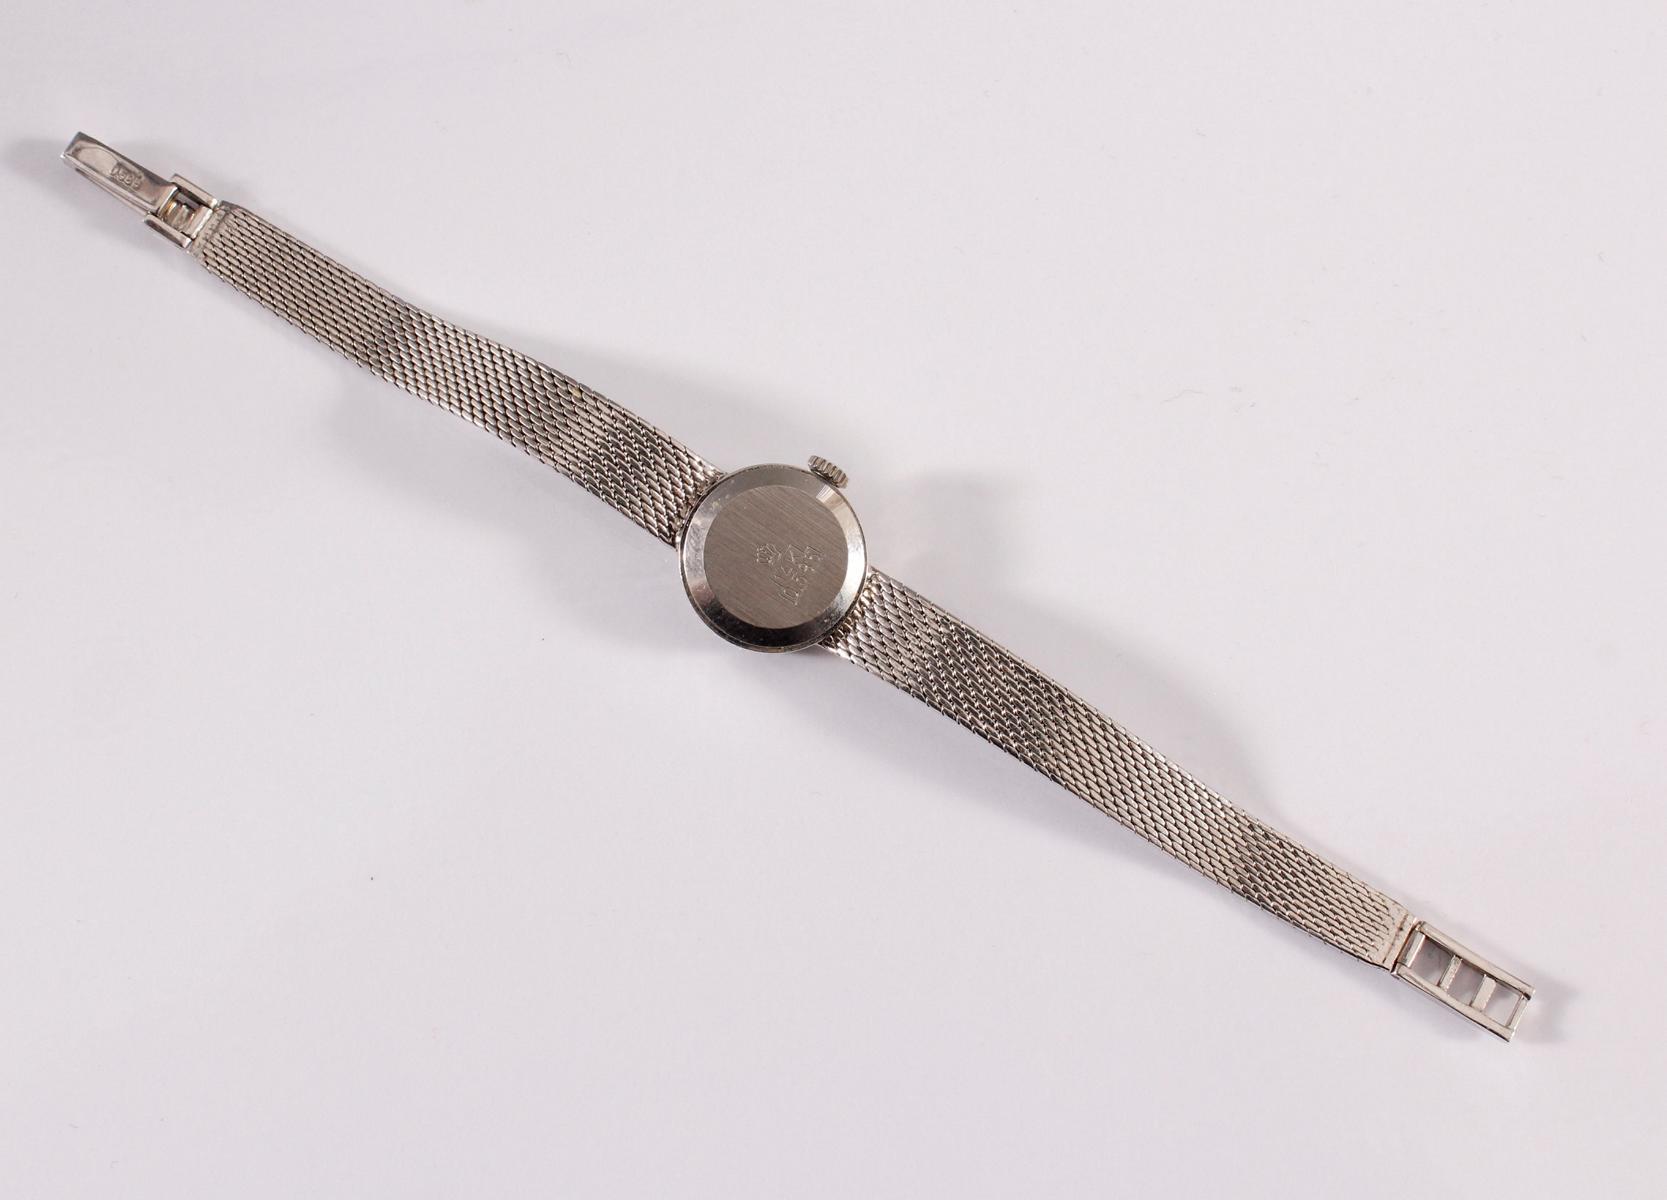 Damenarmbanduhr der Marke Beha mit Diamantkranz, 14 kt Weißgold-4